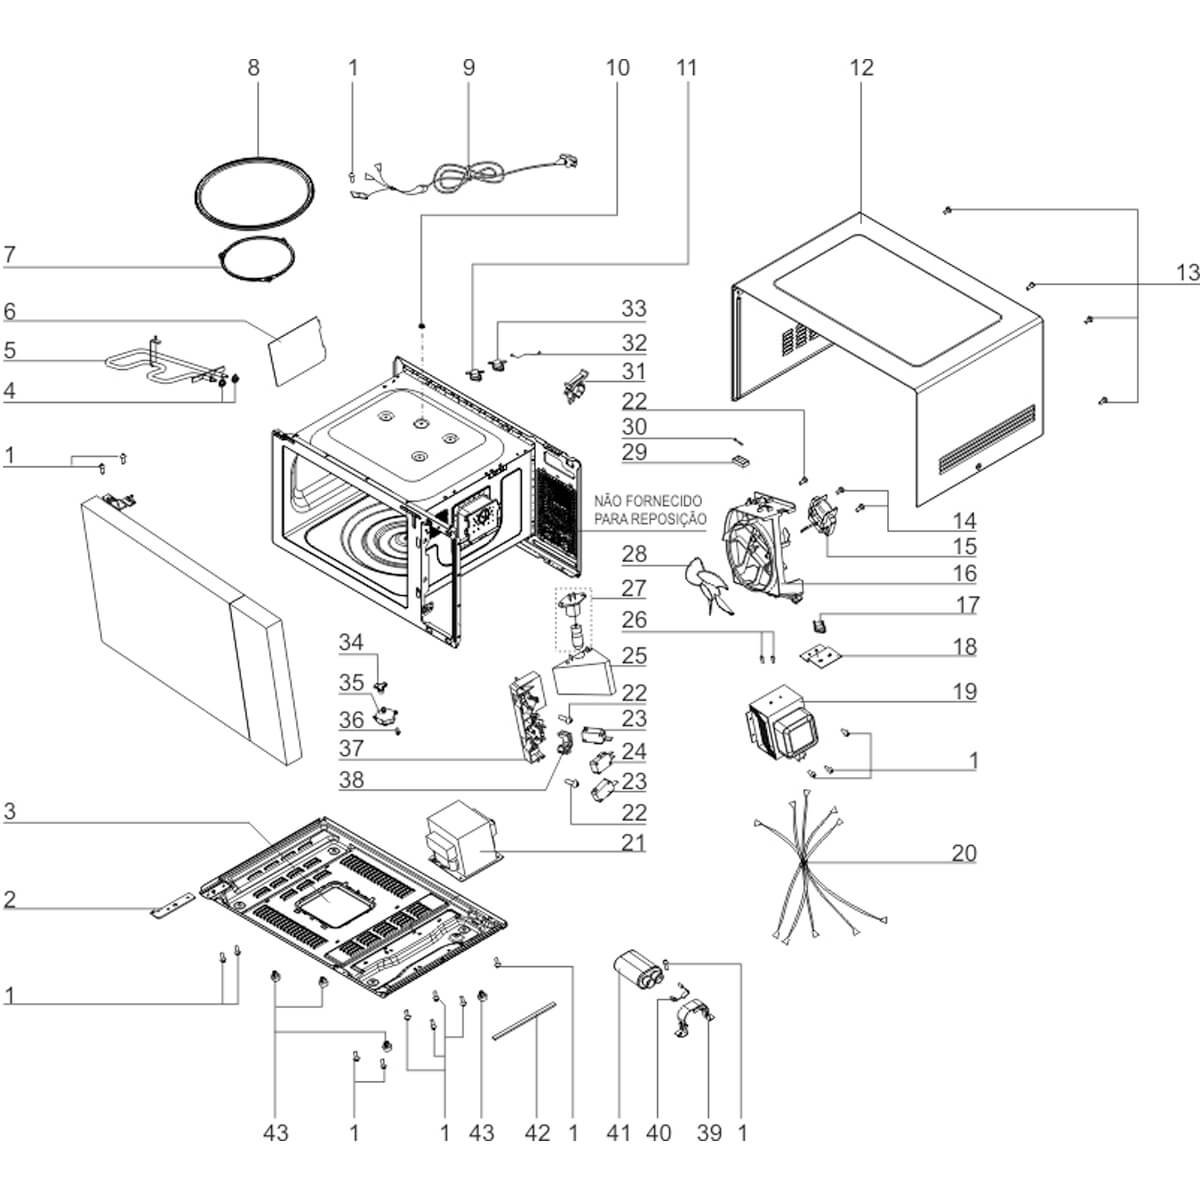 Soquete Com Lâmpada Para Micro-ondas Electrolux - 263600500006